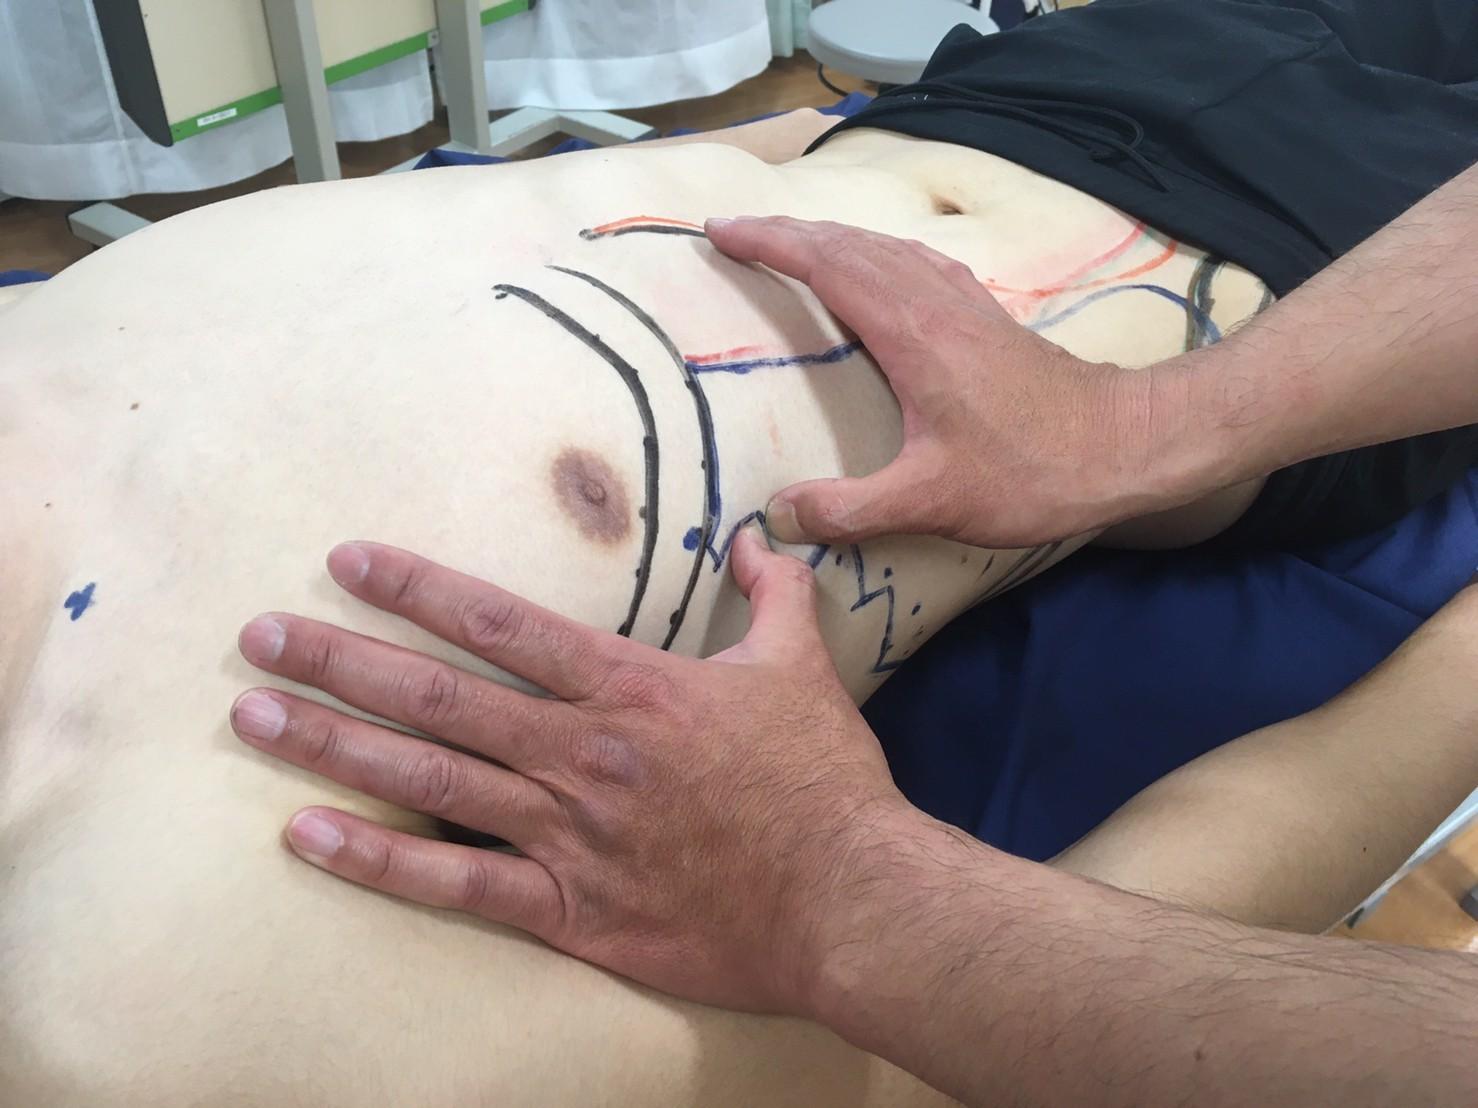 第186回TOC体表解剖勉強会|内・外腹斜筋、腹横筋筋の触察_b0329026_22470321.jpg